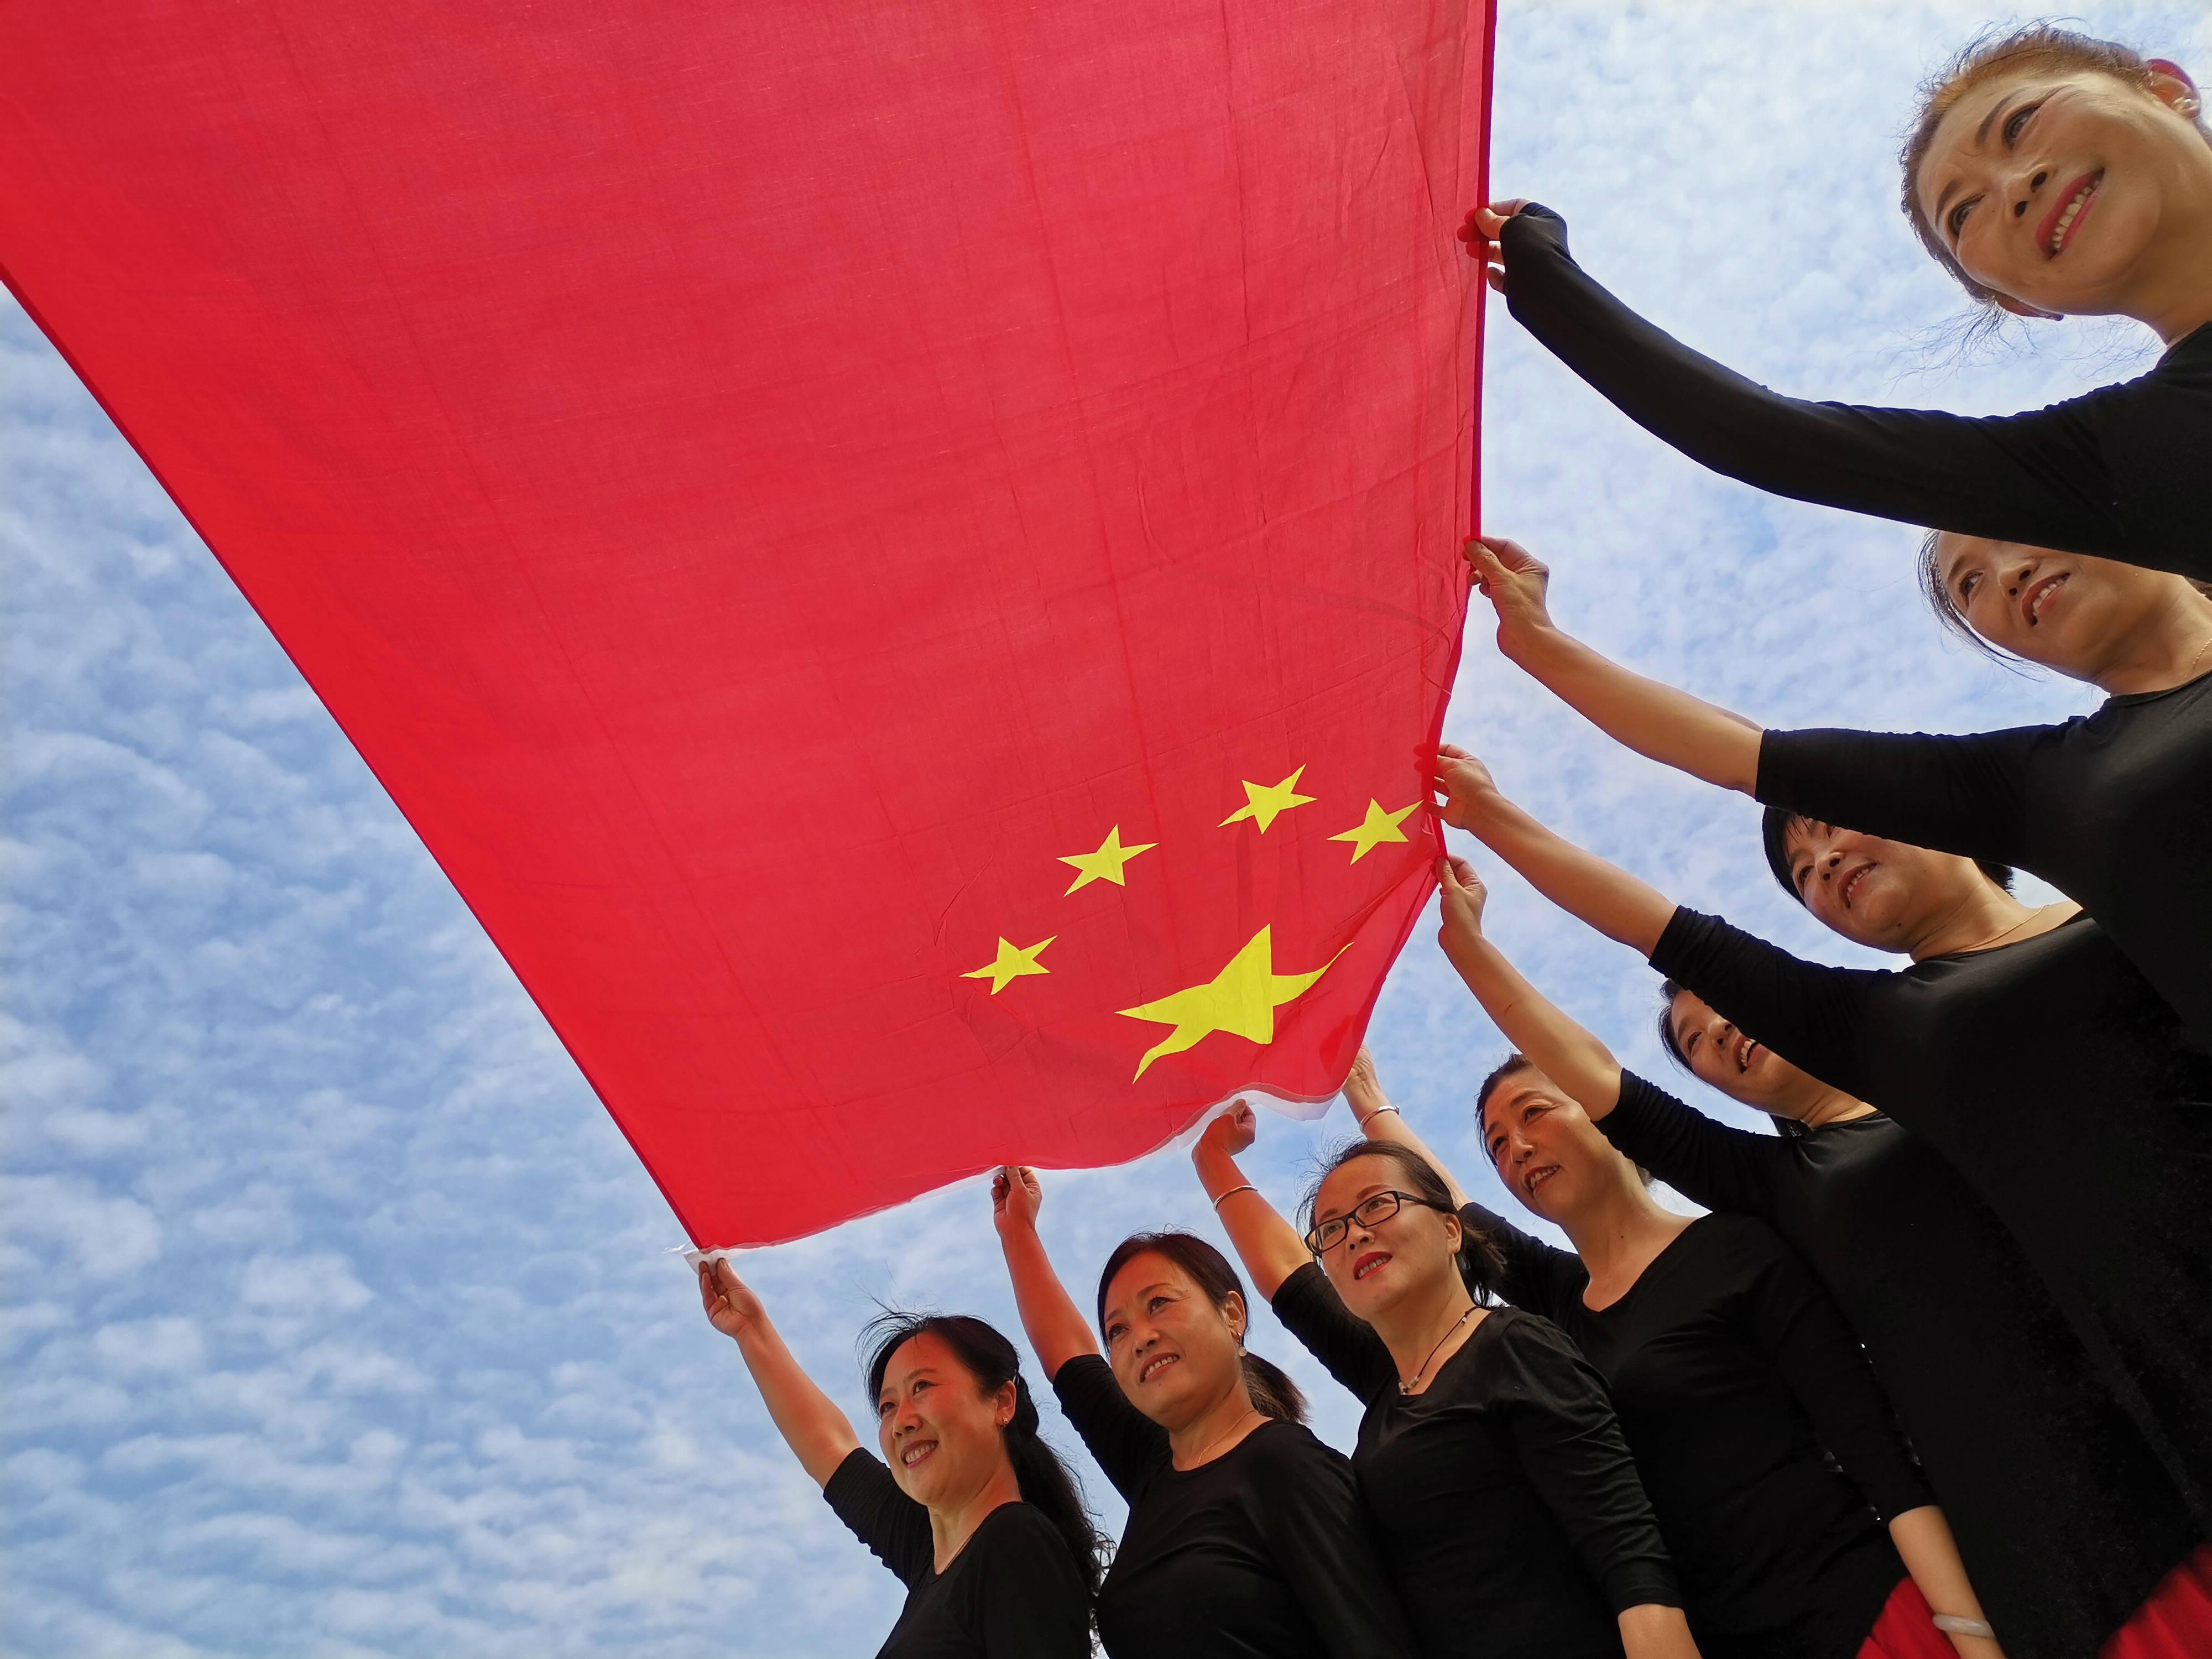 山西阳城:《五星红旗我爱你》